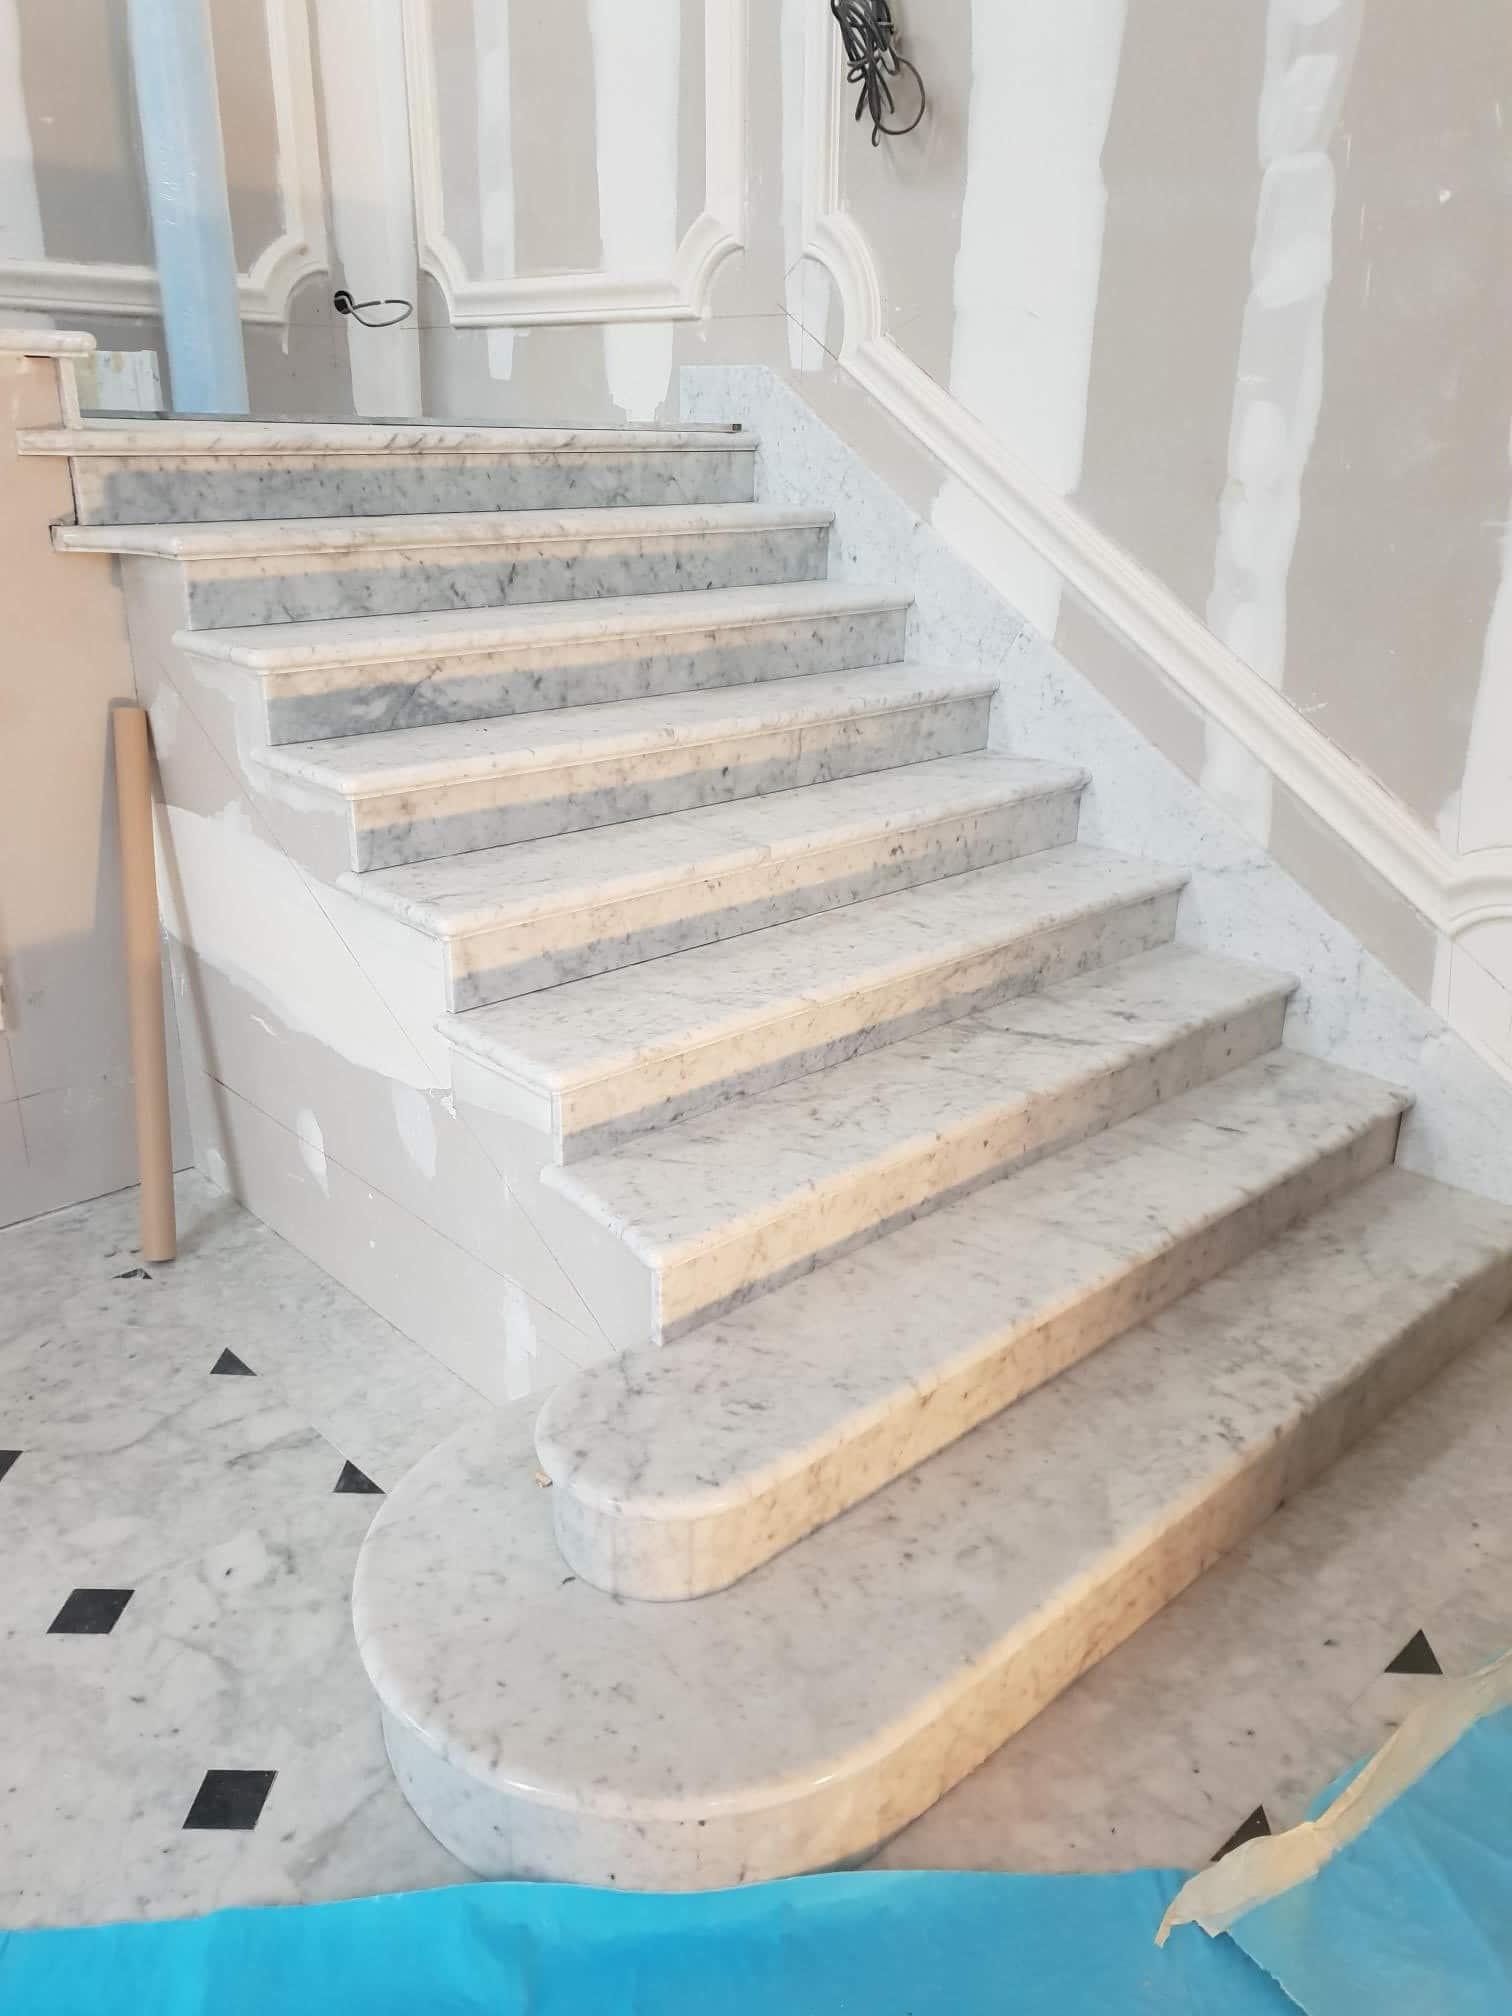 Comment Nettoyer Le Marbre Exterieur escalier en pierre, en granit, marbre, quartz – marbrerie